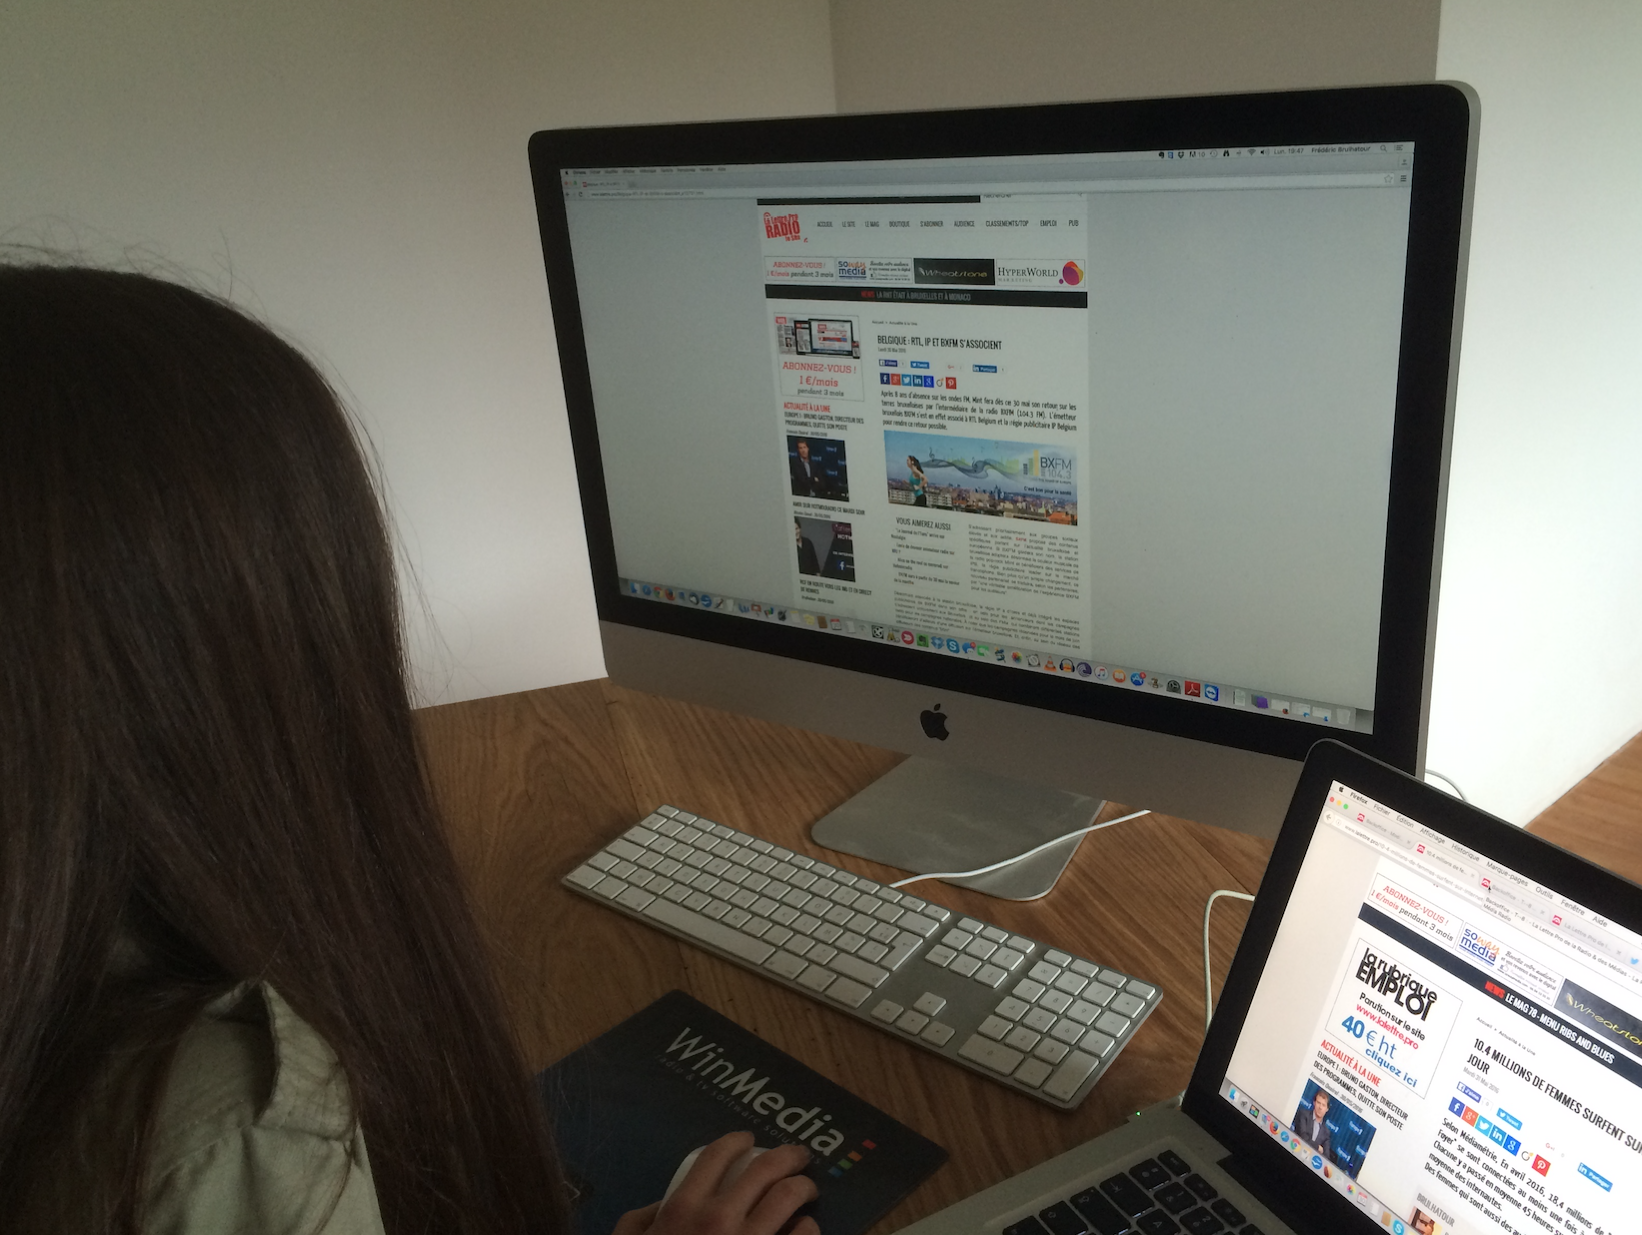 10.4 millions de femmes surfent sur Internet chaque jour